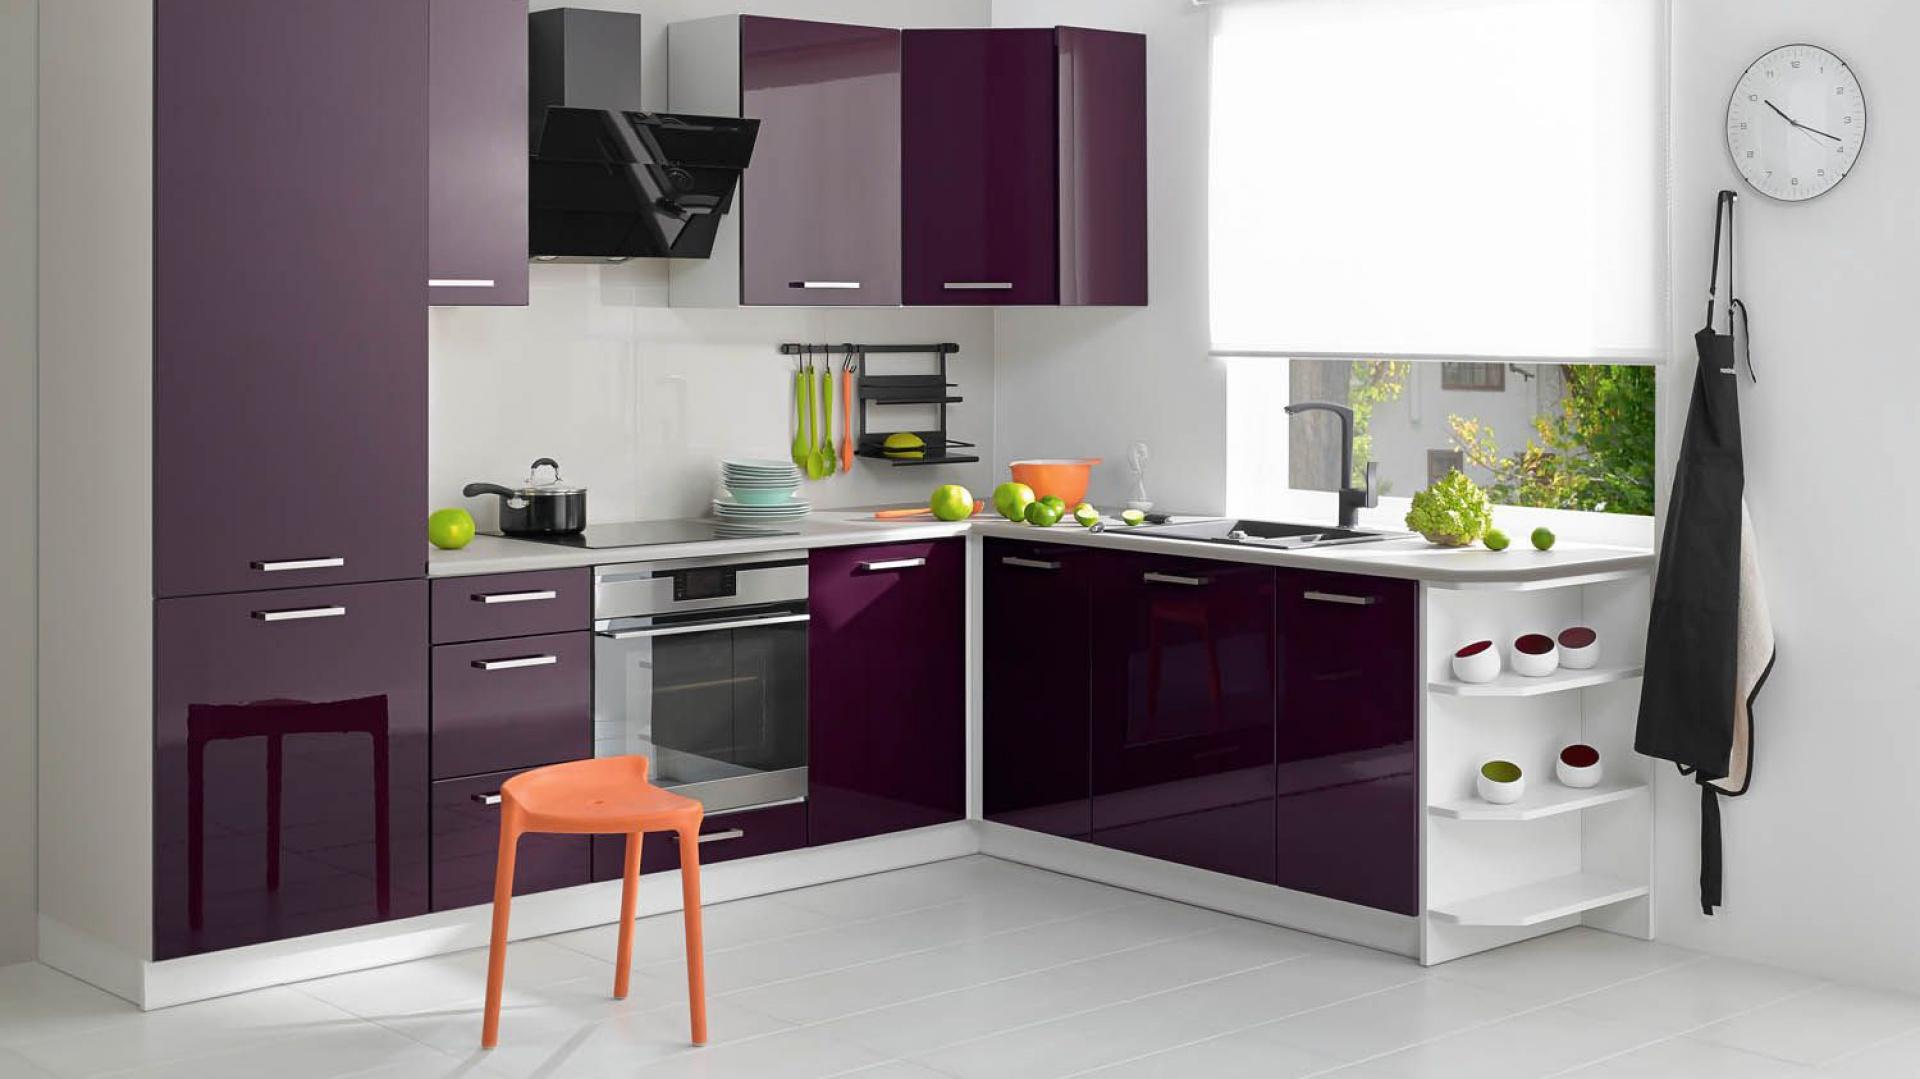 Lakier w kolorze głębokiego Kuchnia na wysoki połysk 15 propozycji prod   -> Castorama Inspiracje Kuchnia